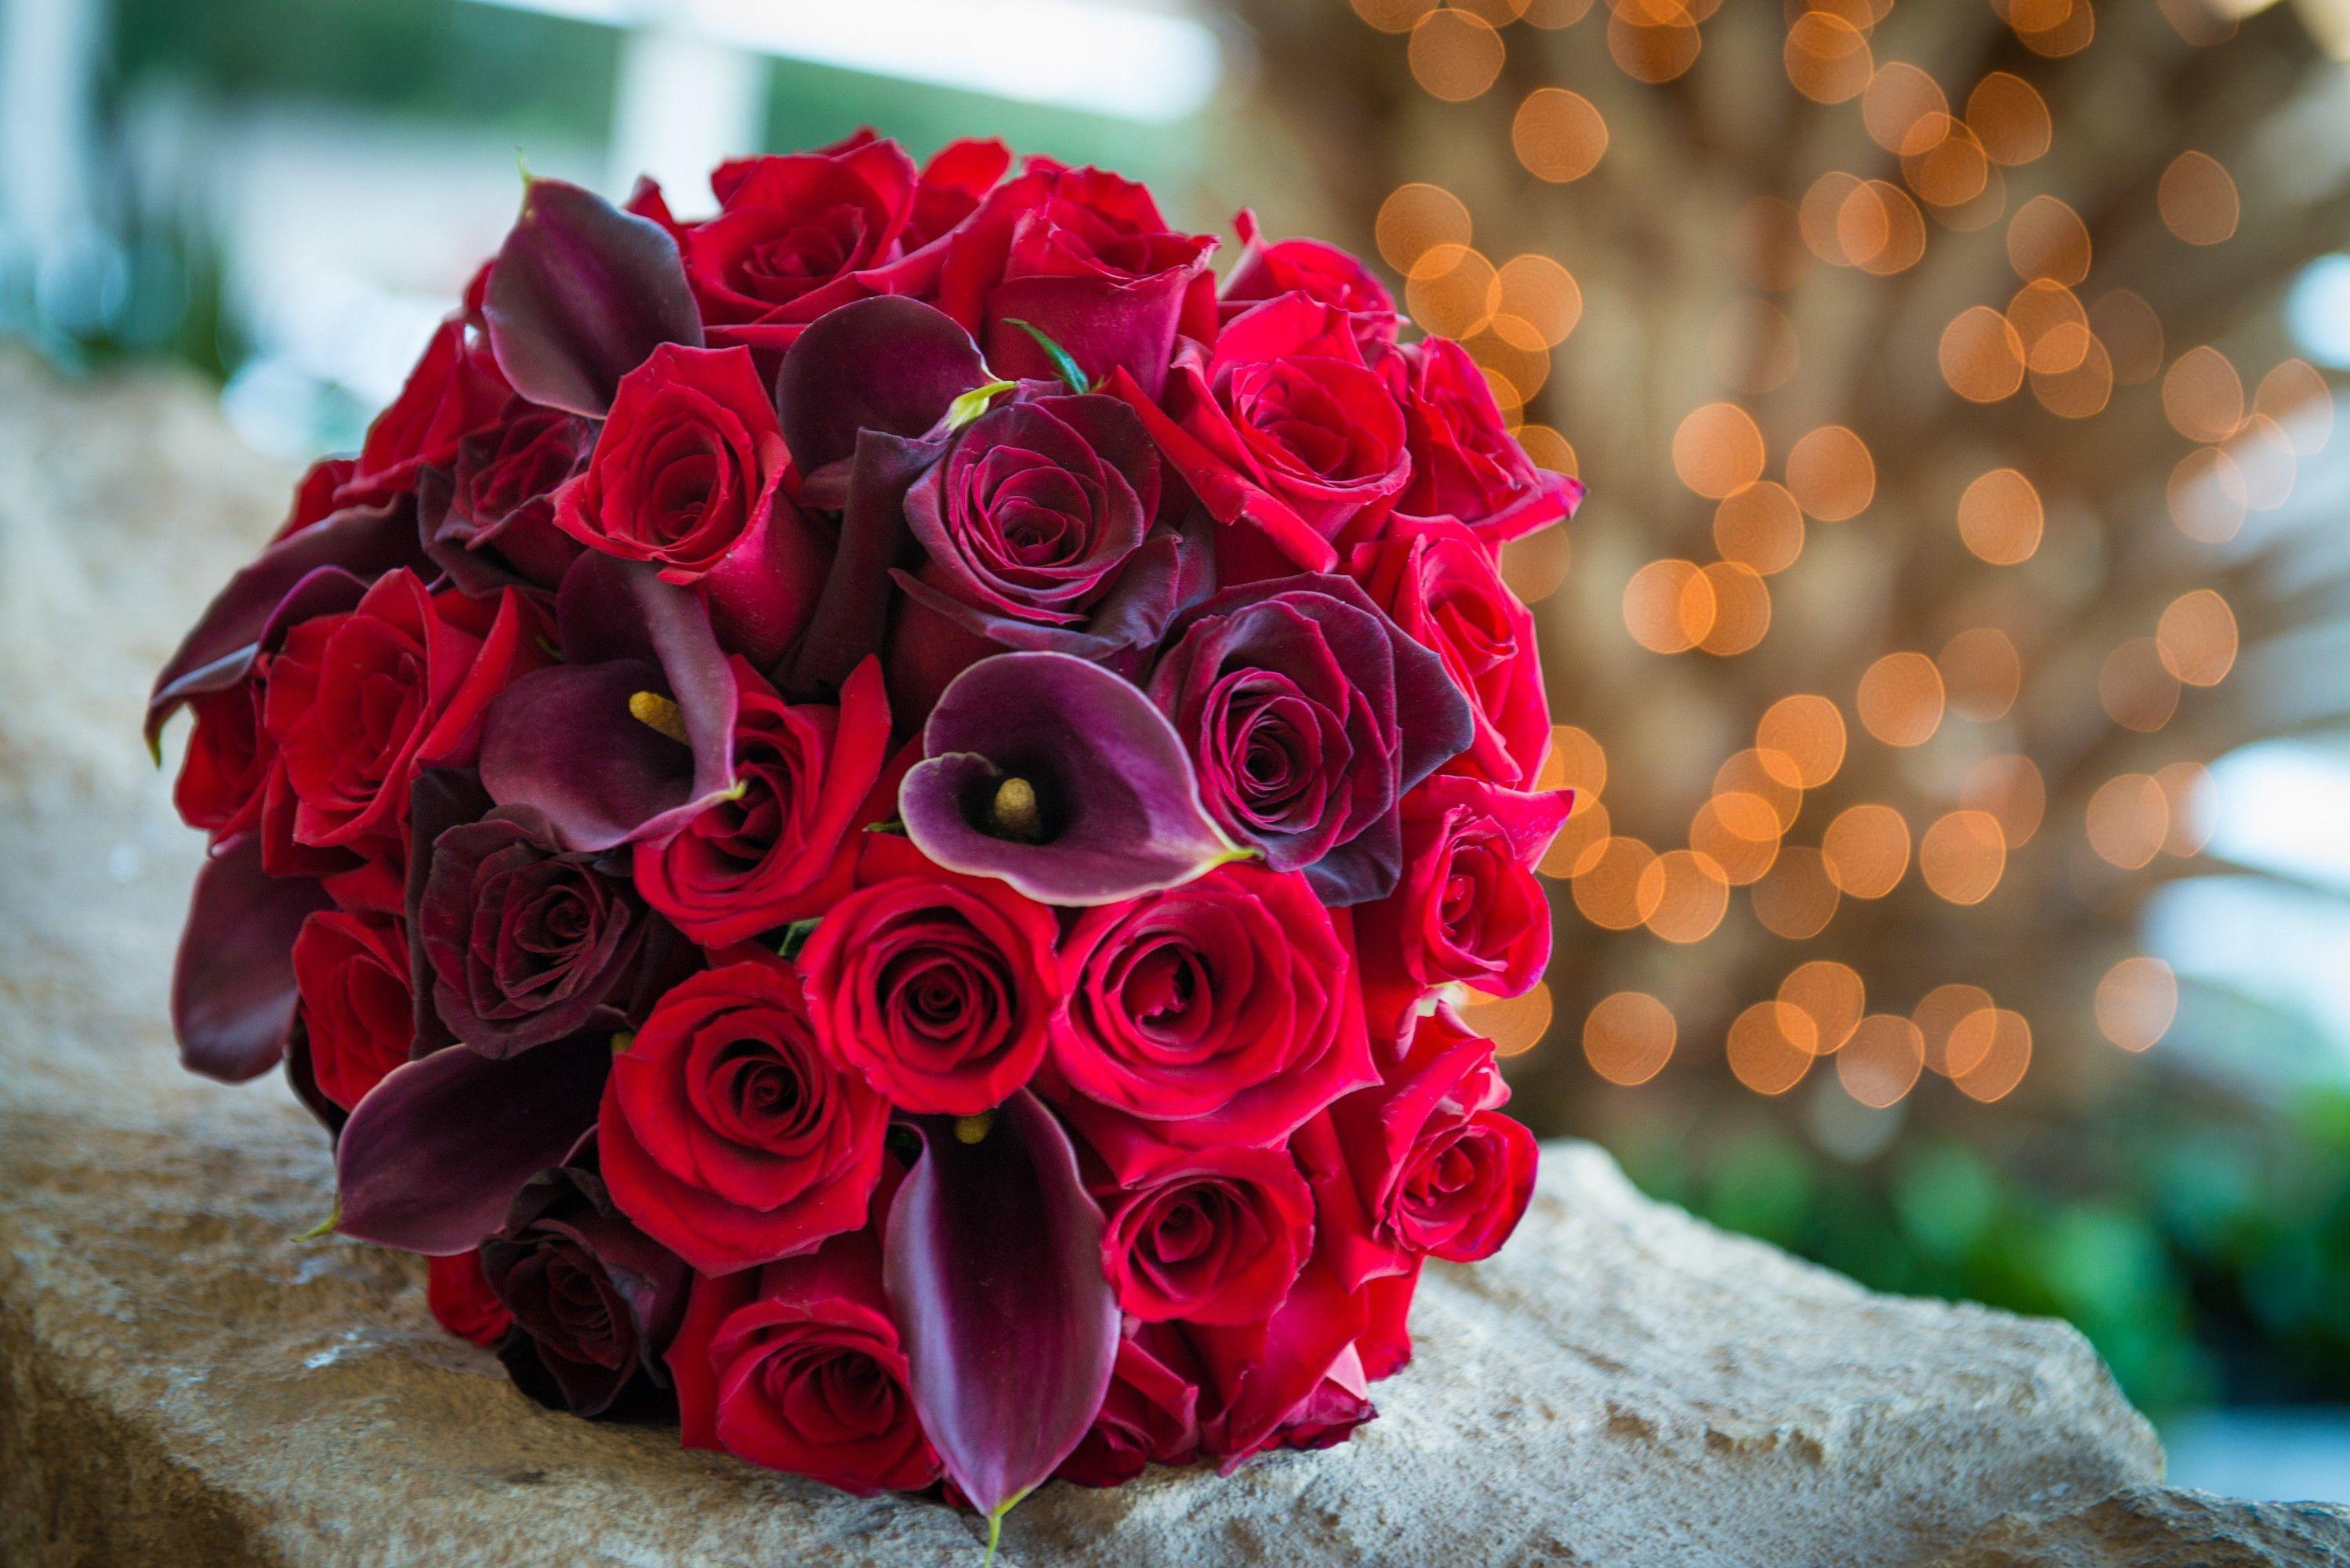 Red Rose Bokeh Wallpapers